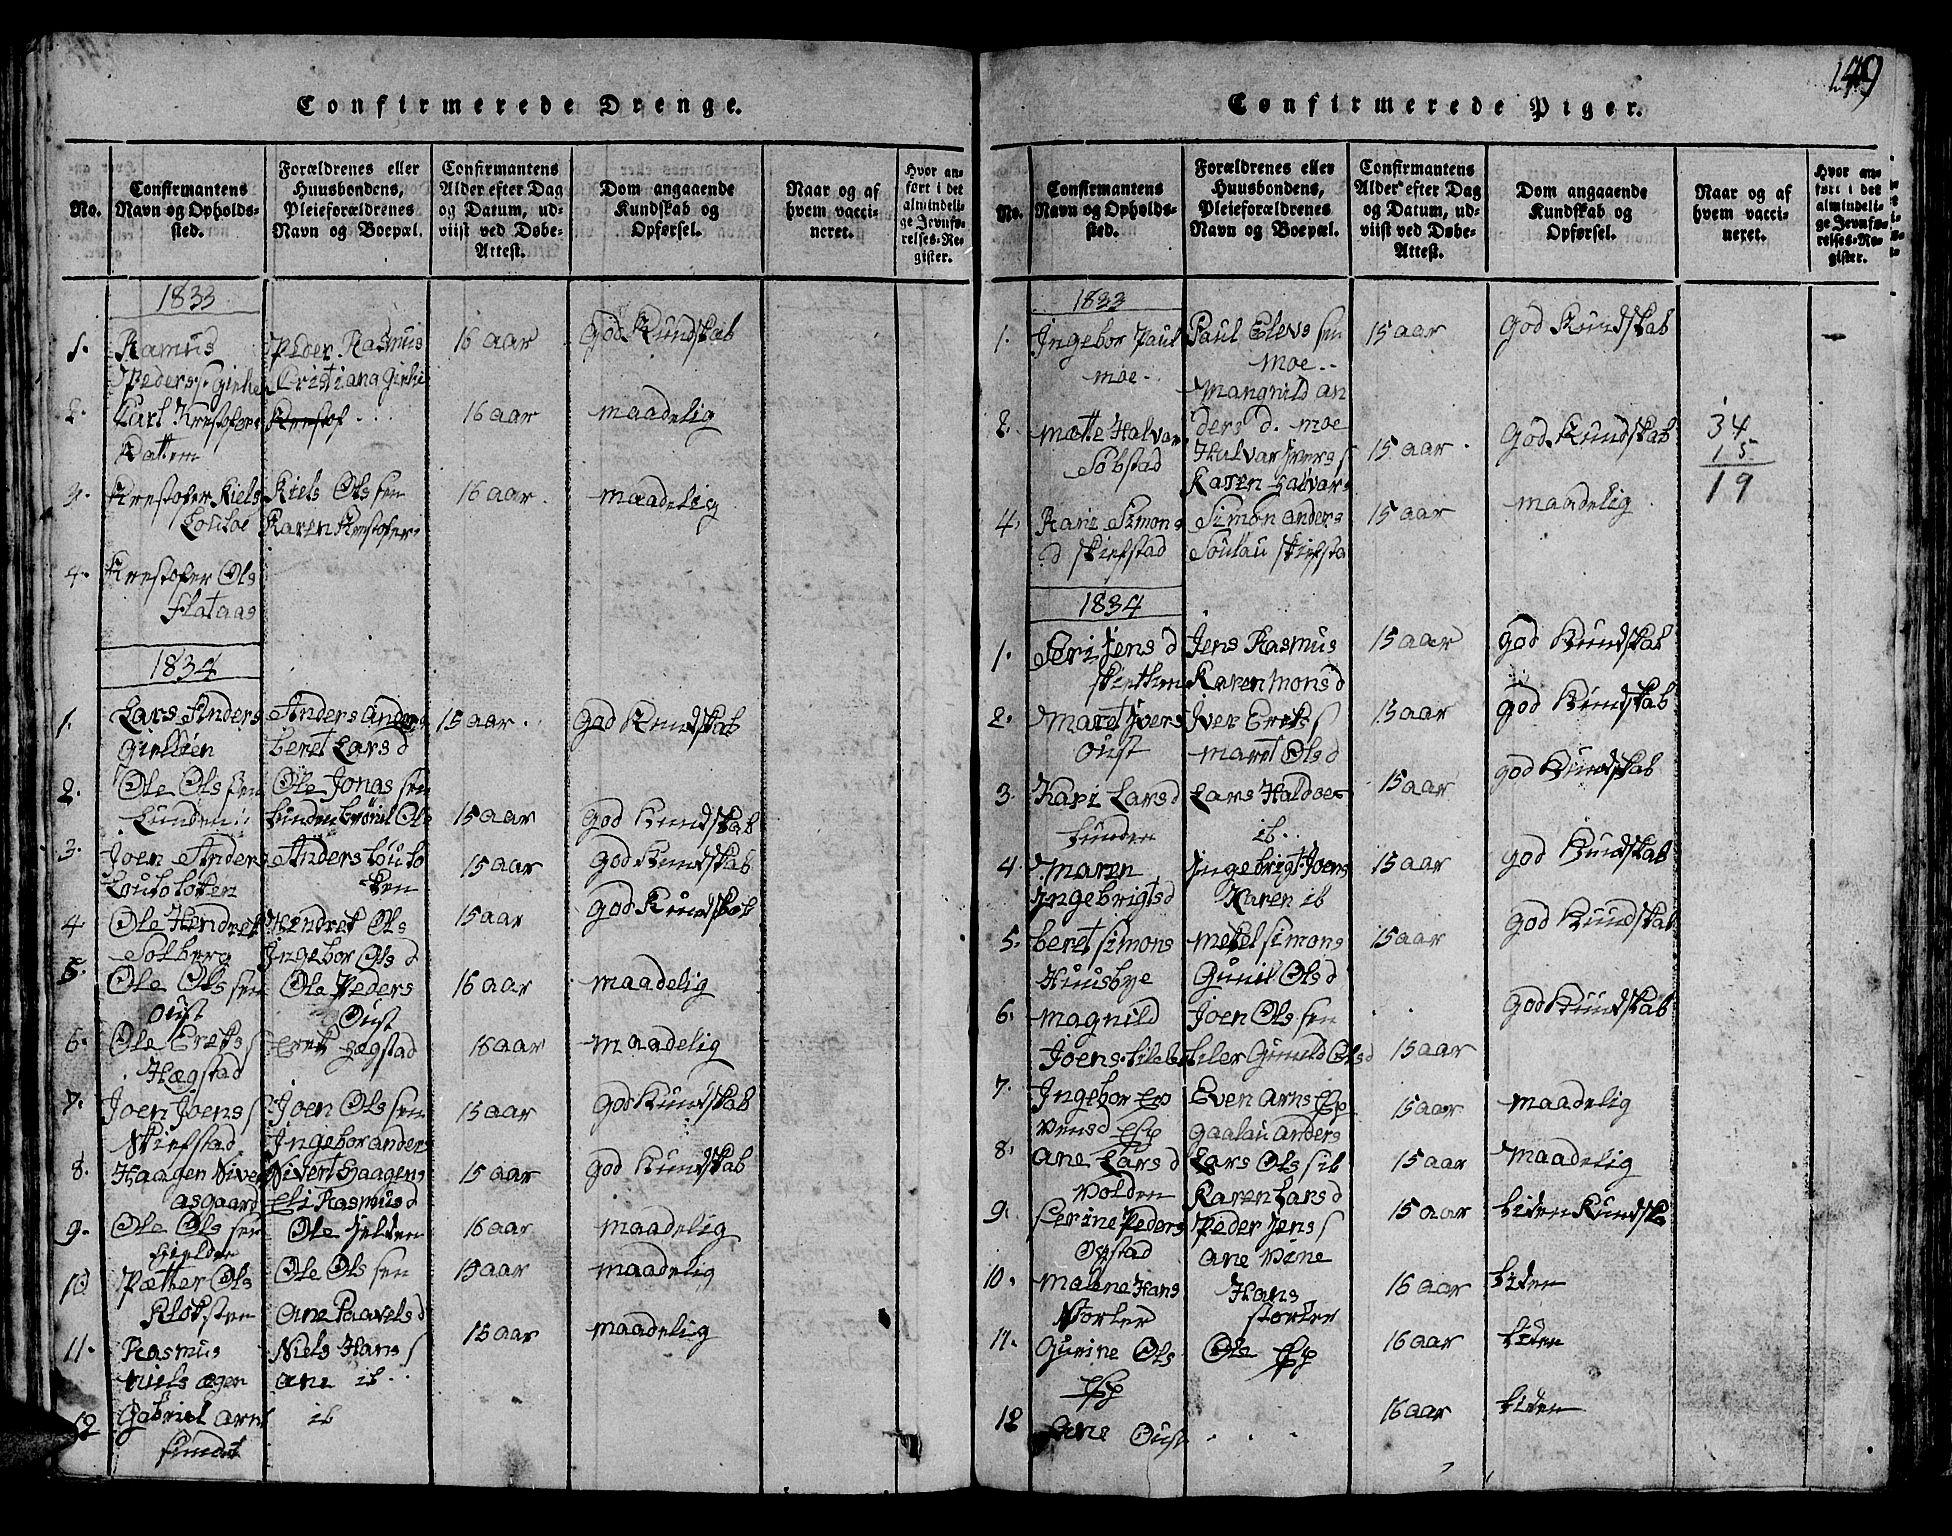 SAT, Ministerialprotokoller, klokkerbøker og fødselsregistre - Sør-Trøndelag, 613/L0393: Klokkerbok nr. 613C01, 1816-1886, s. 249